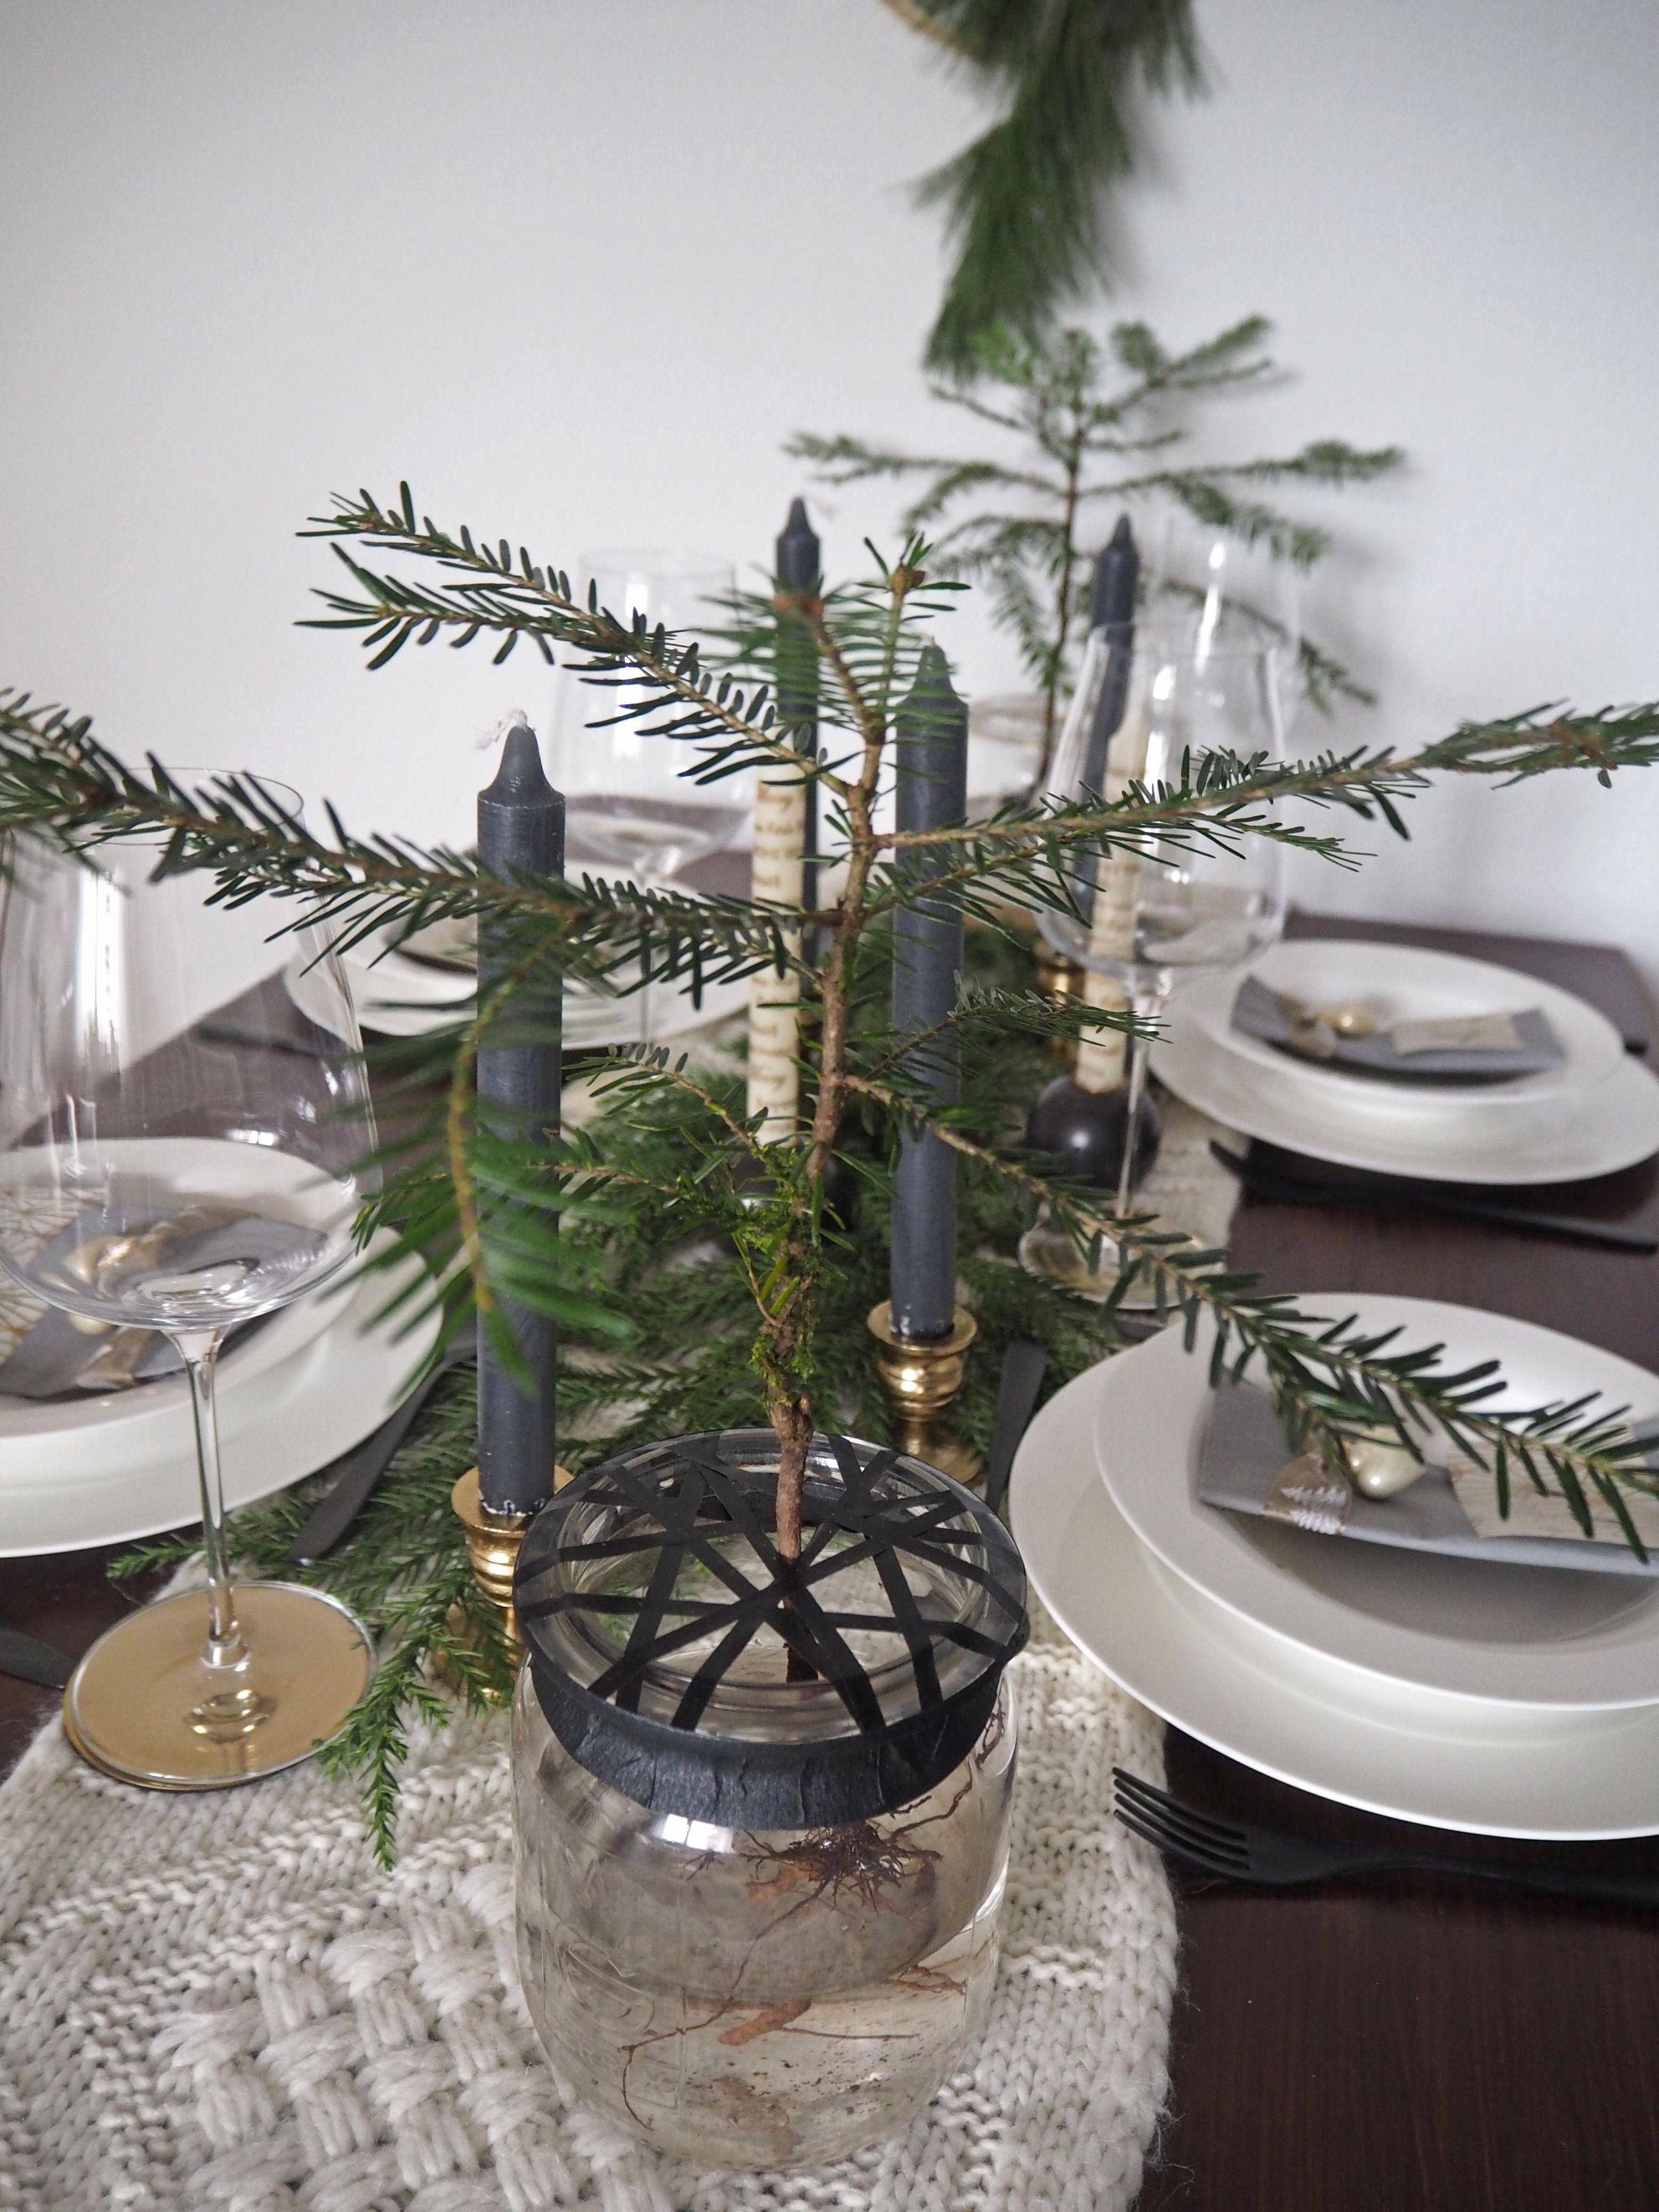 2018-skoen-och-kreativ-interior-tischdeko-festliche-tischdekoration-im-skandi-stil-weihnachten-god-jul-tabledecor (14)